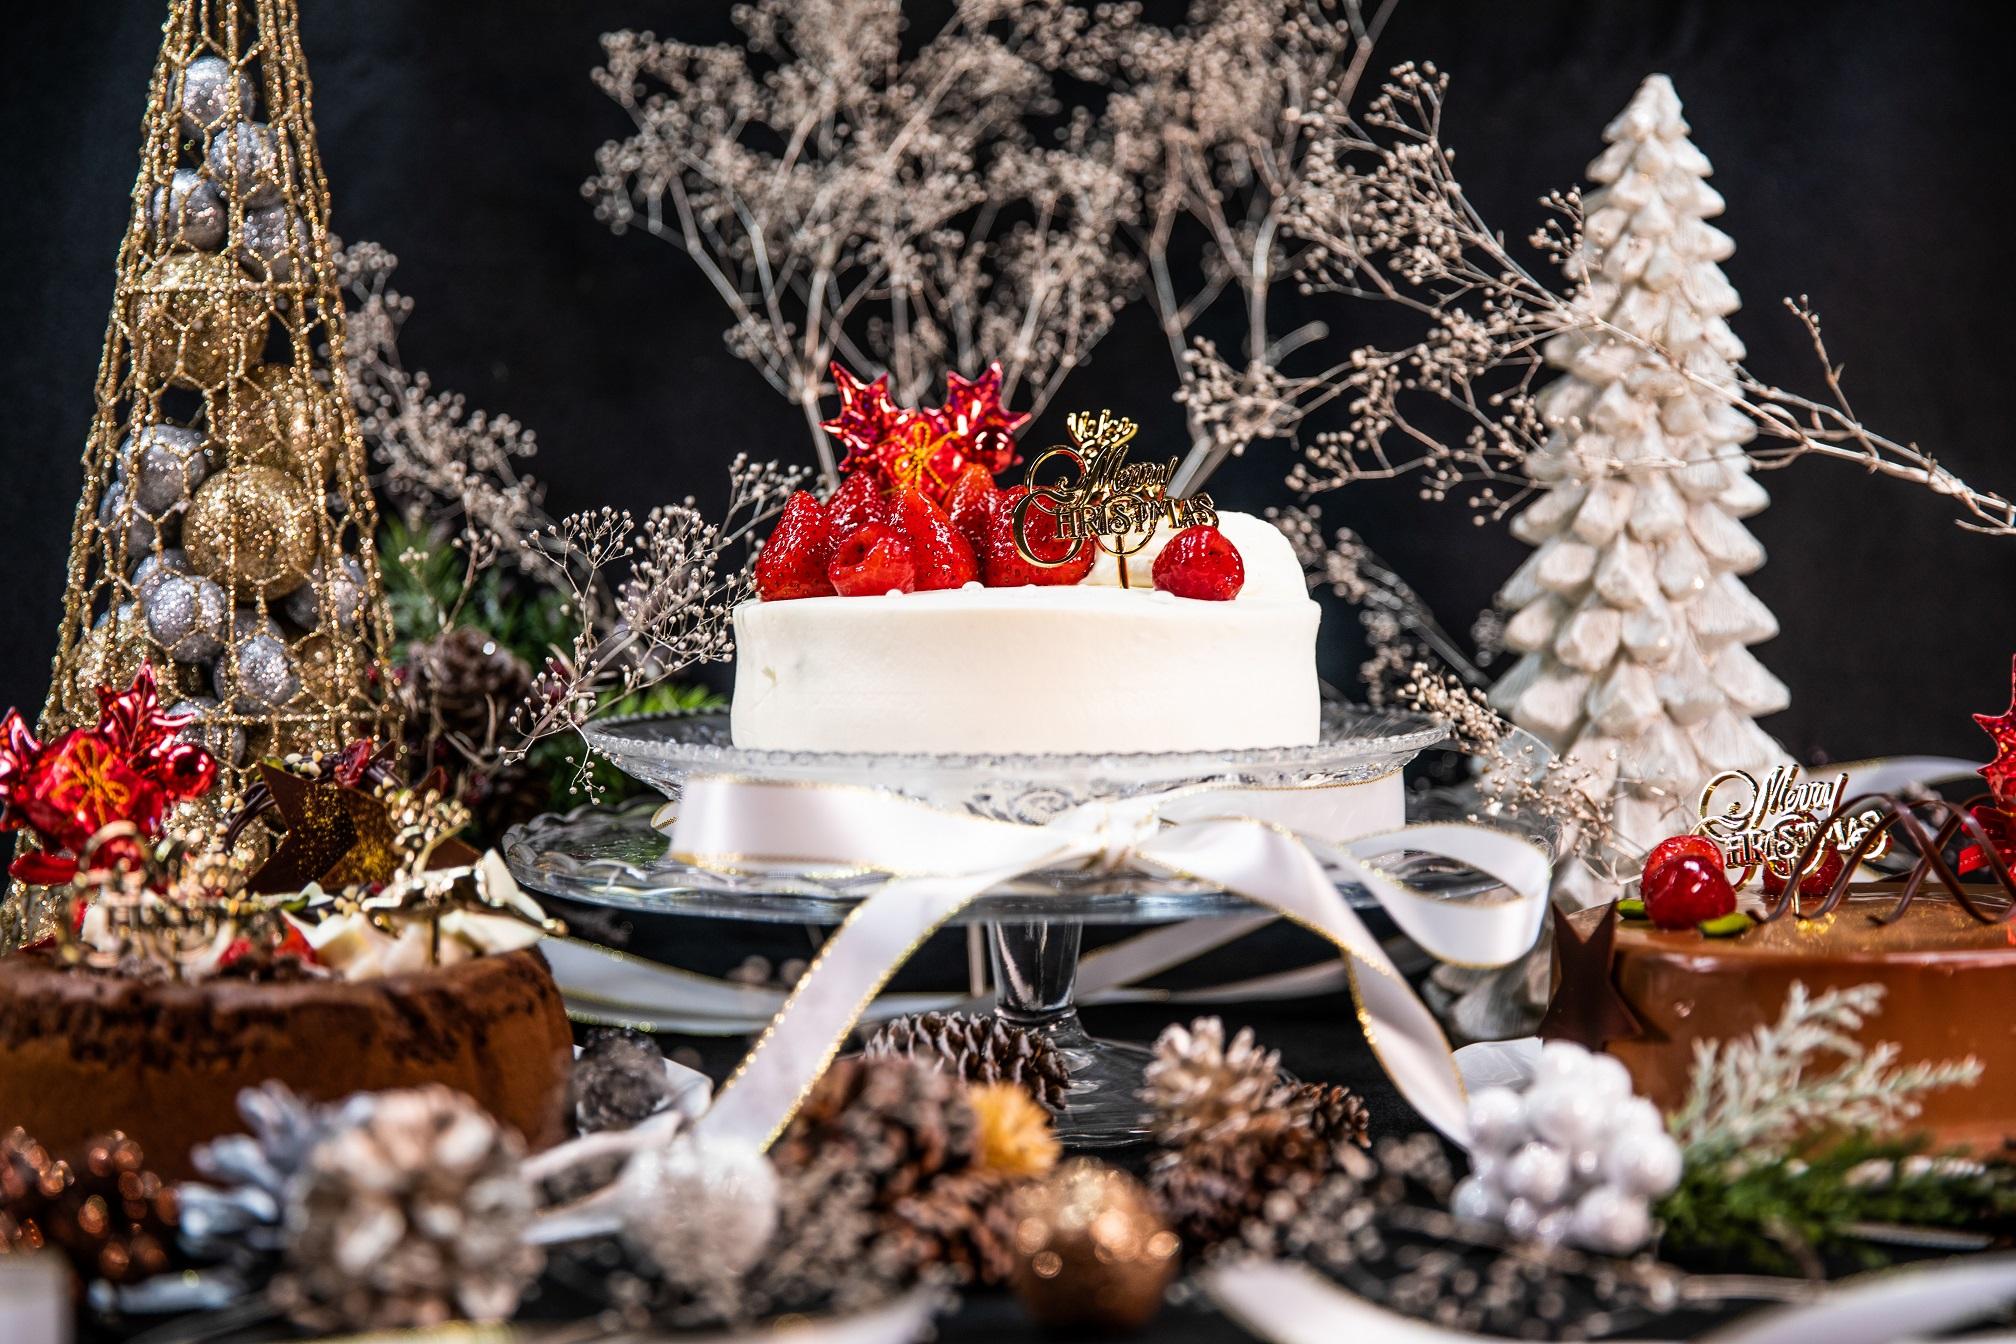 11月中ご予約でお得!チョコレート専門店のスペシャルなクリスマスケーキ